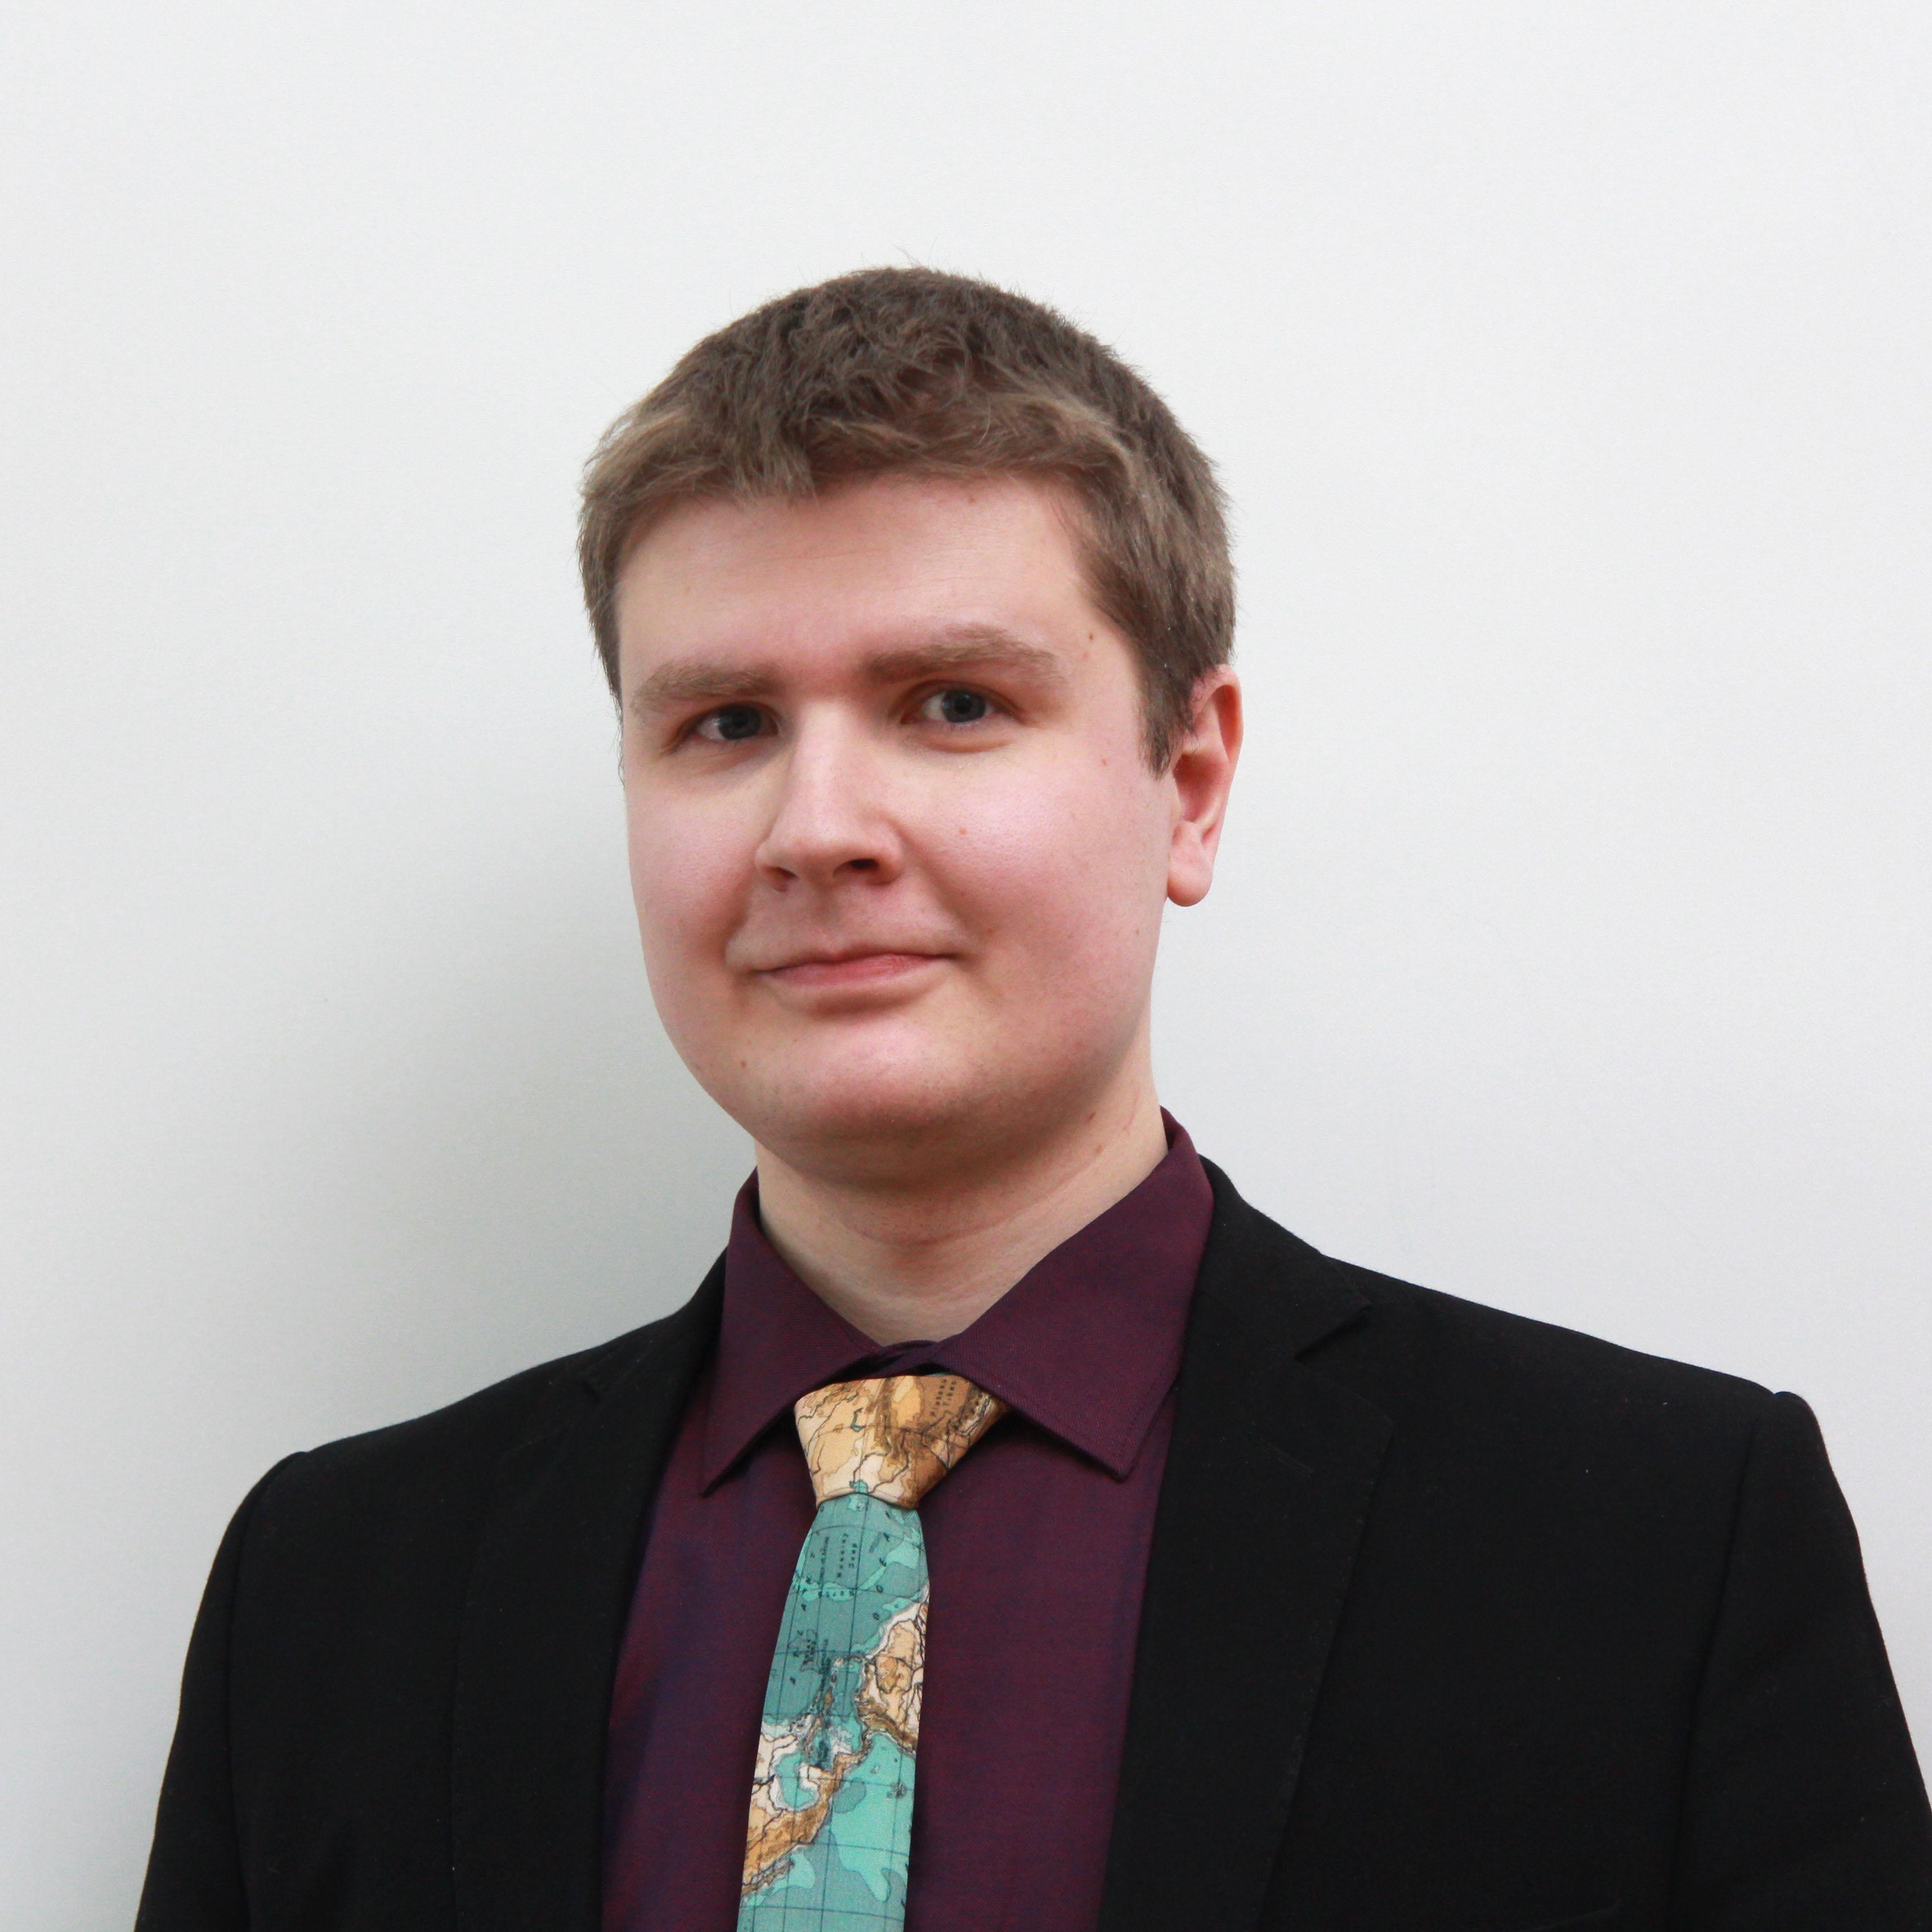 Самусенко Дмитрий Николаевич